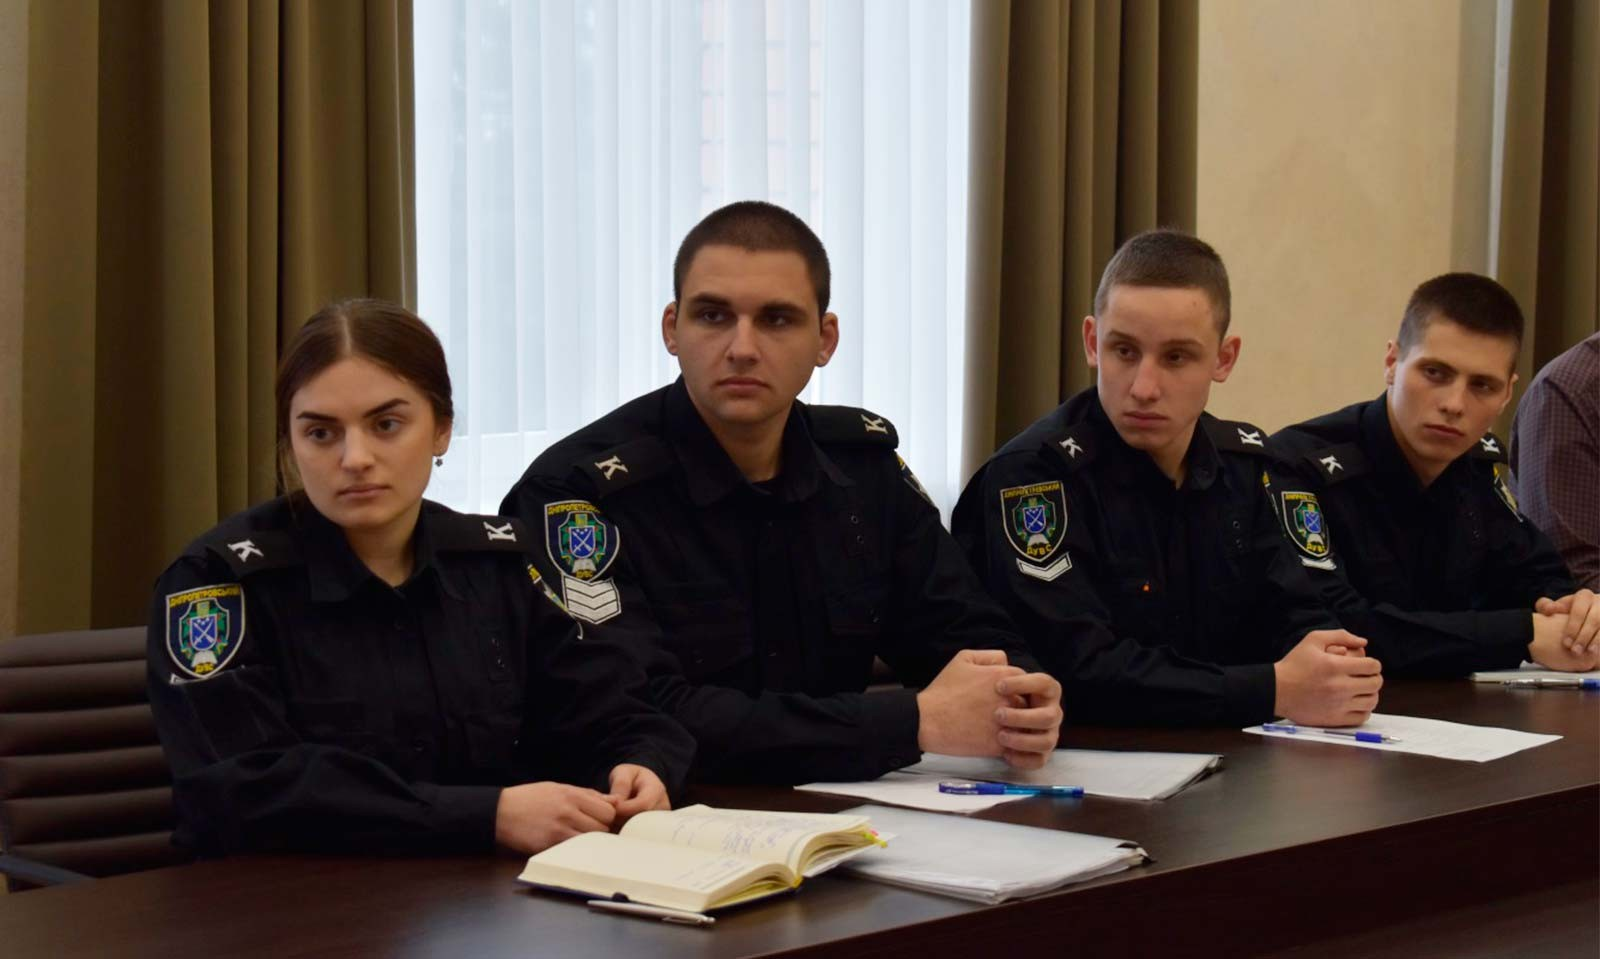 Відбулося настановне засідання Студентсько-курсантської ради ДДУВС